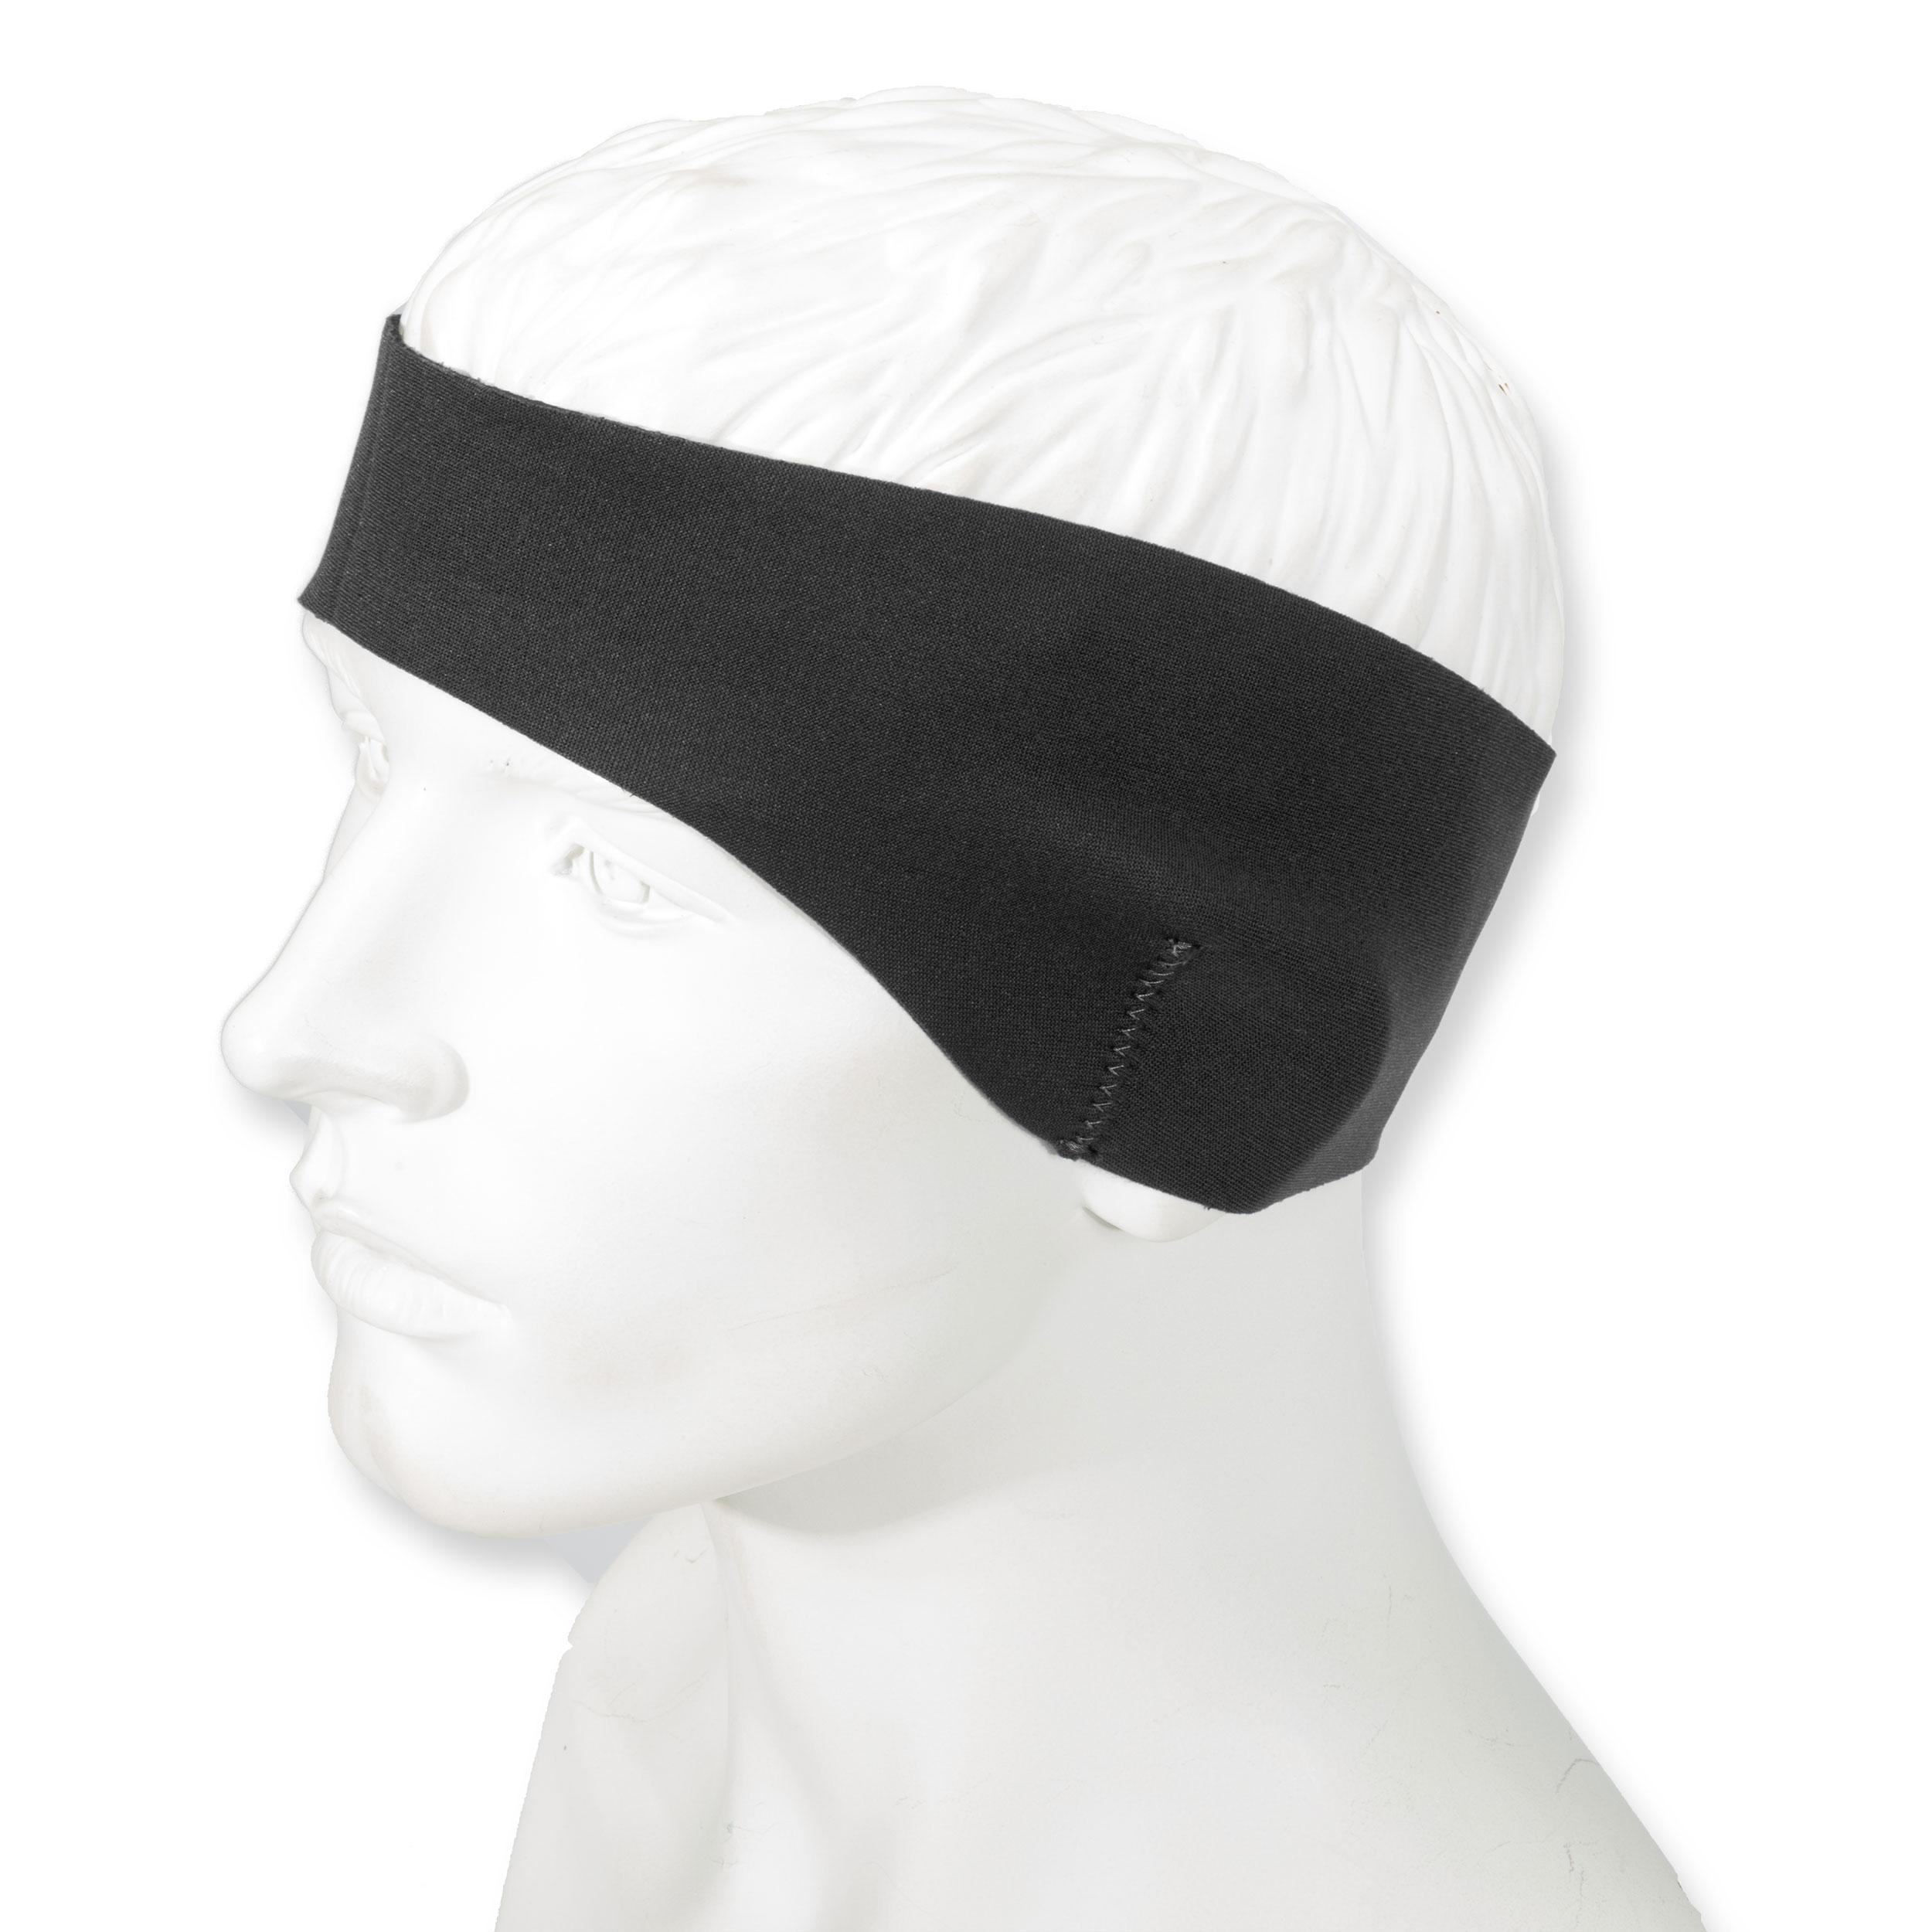 Neopren stirnband